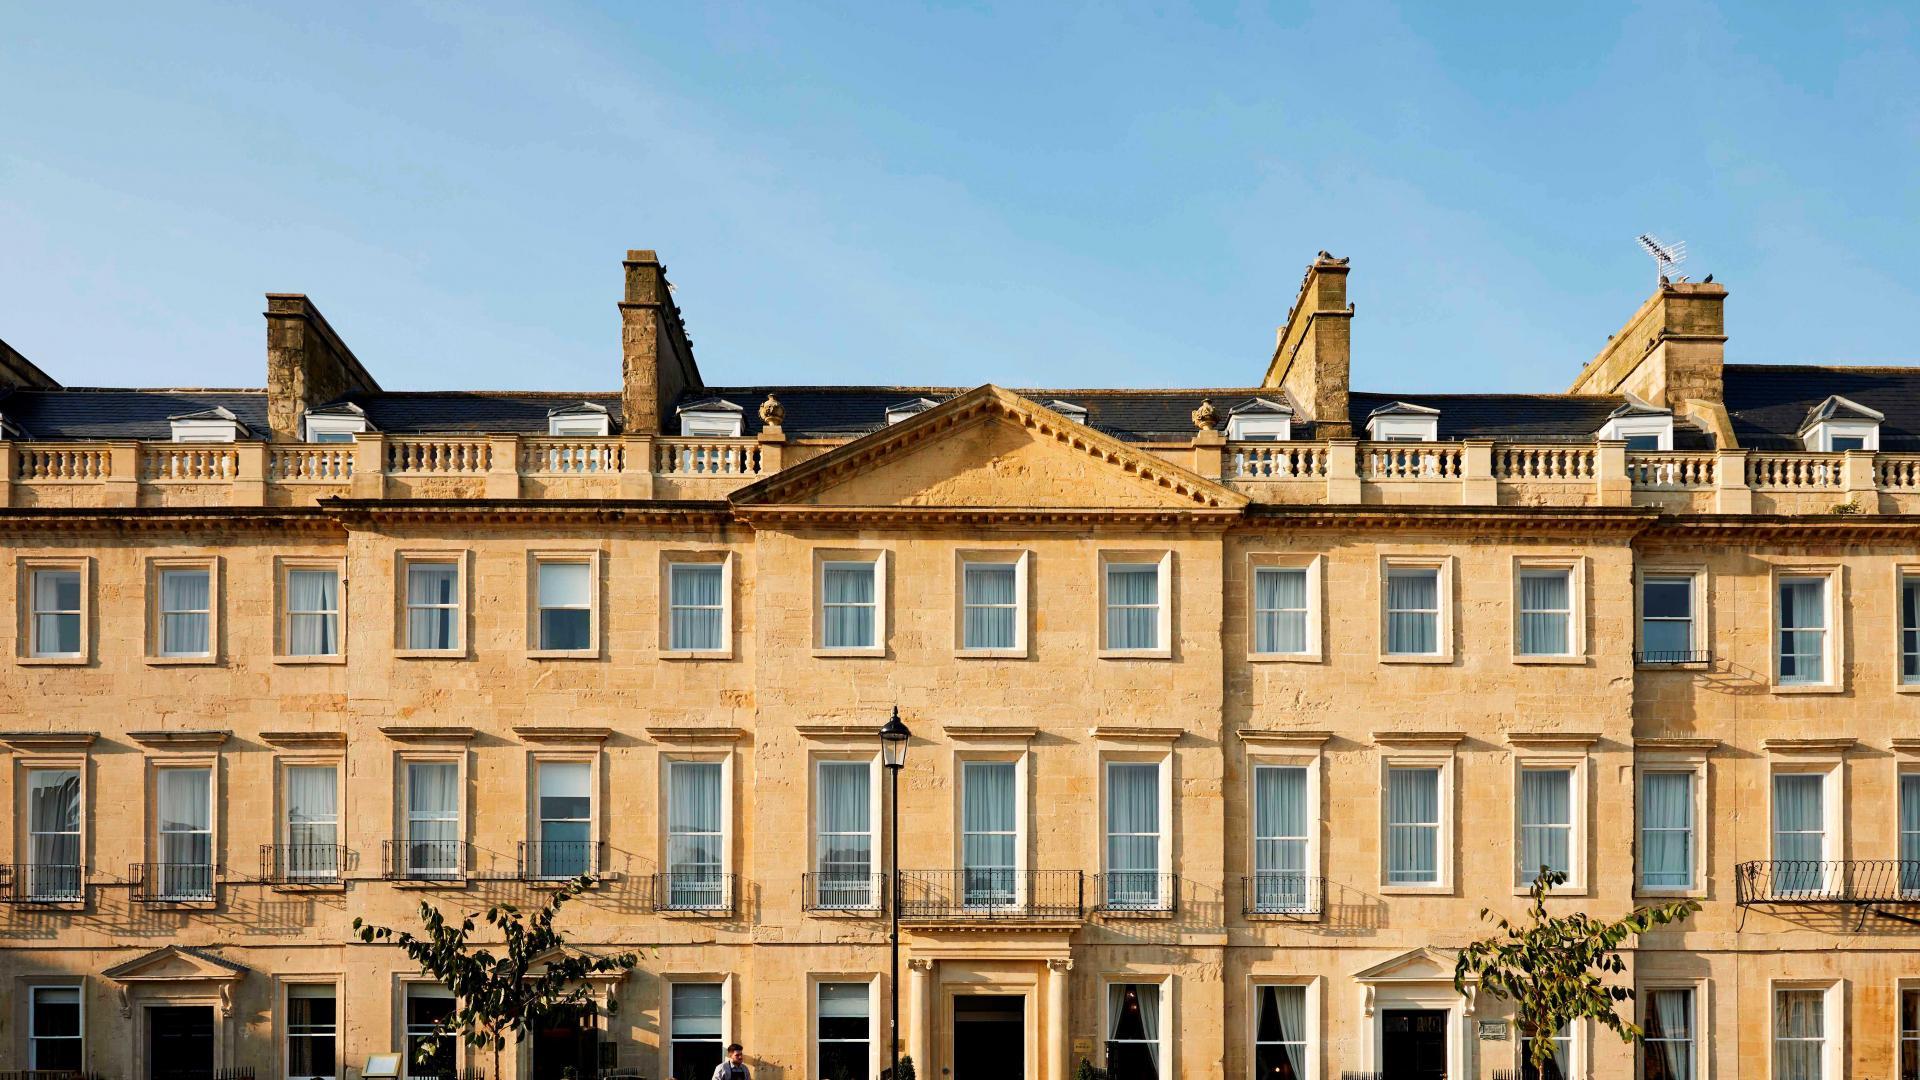 Hotel Indigo Bath review: the hotel exterior